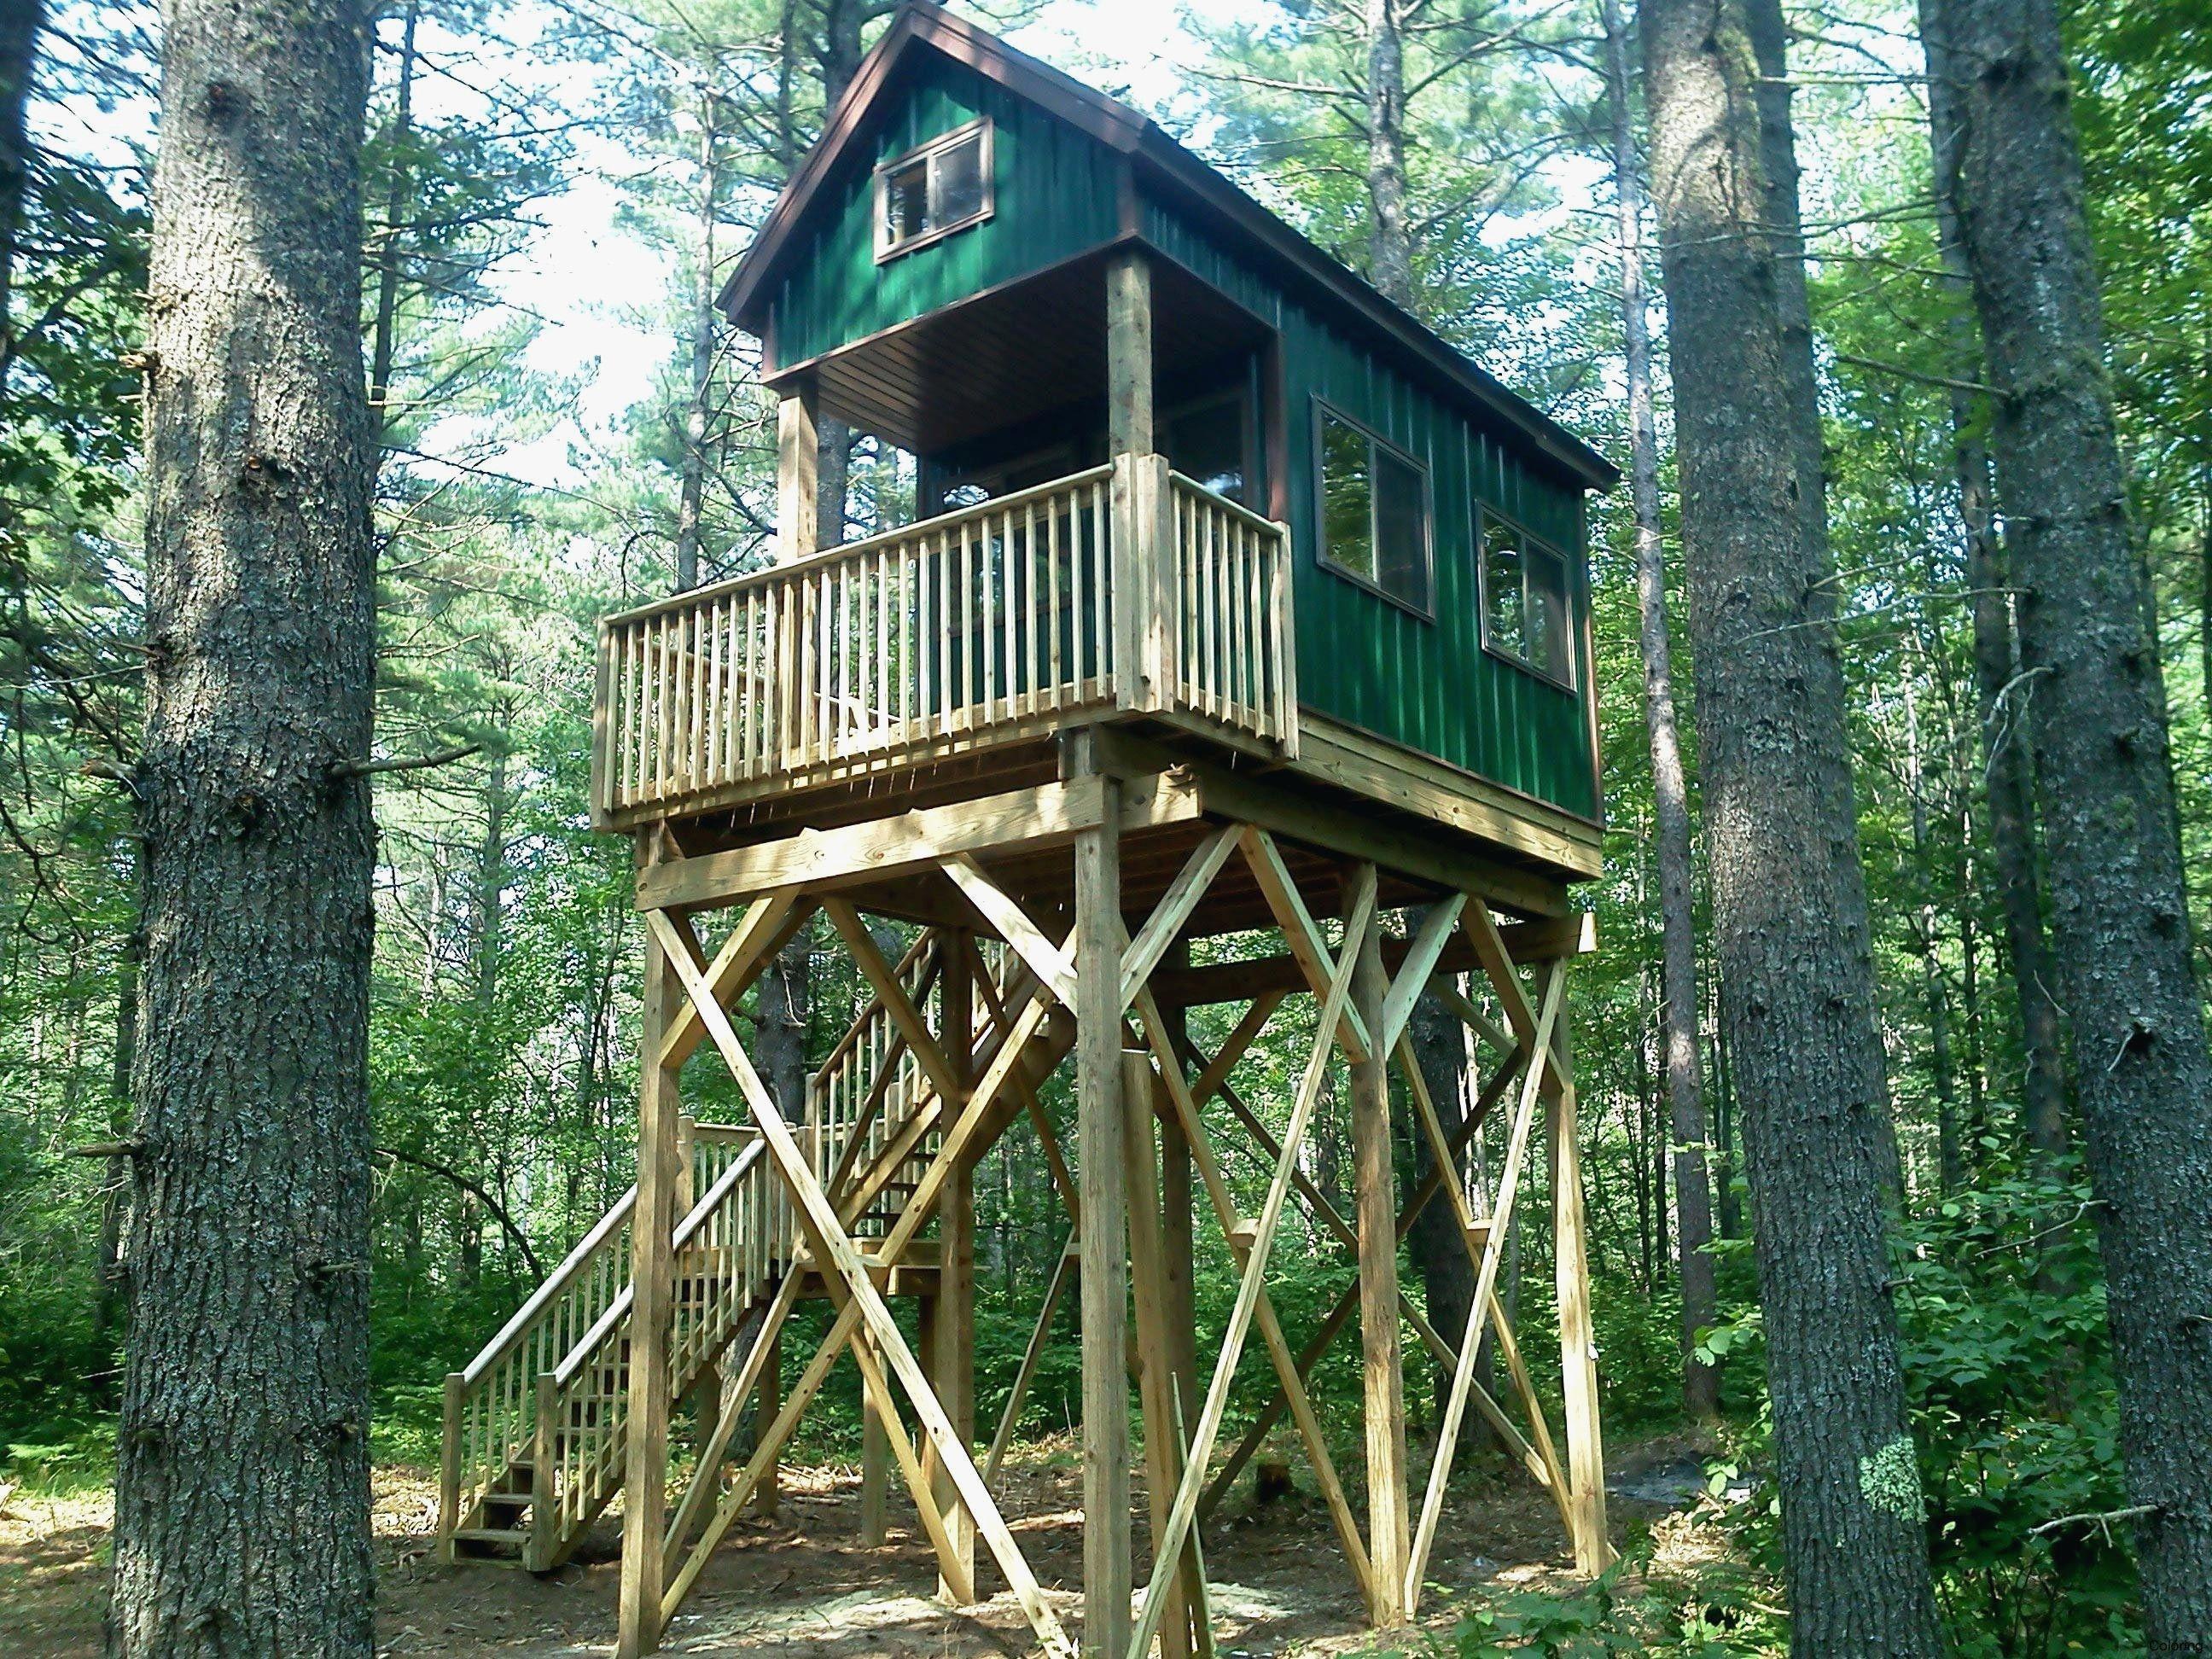 Deer Hunting Tree Houses Unique Deer Hunting Tree House Plans Escortsea Wahibasands Com Deer Stand Tower Deer Stands Deer Stand Plans